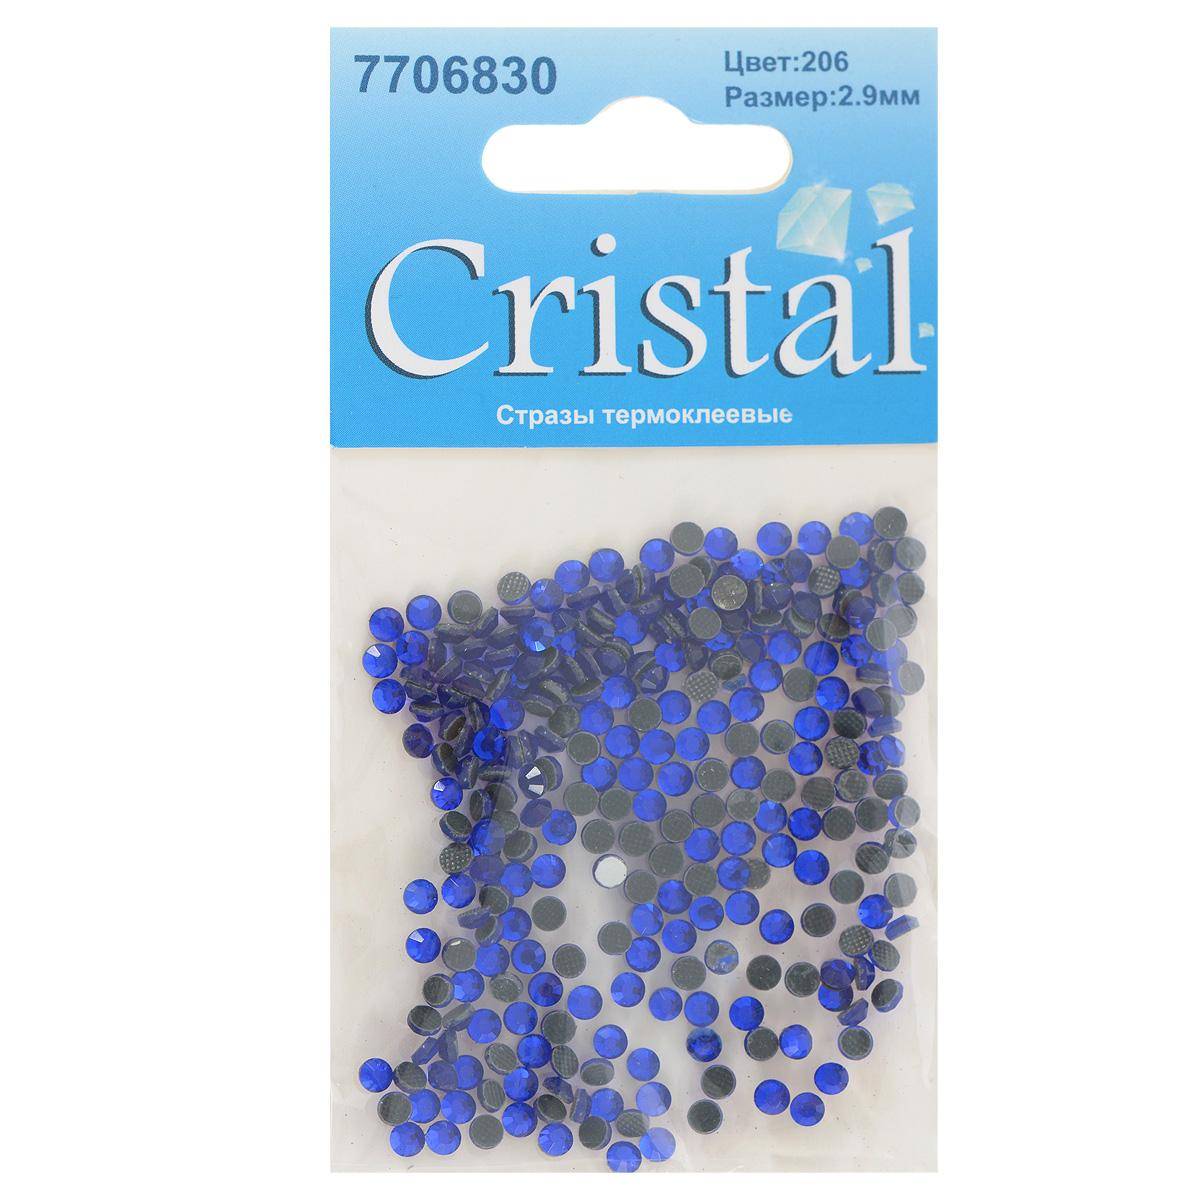 Стразы термоклеевые Cristal, цвет: синий (206), диаметр 2,9 мм, 288 шт09840-20.000.00Набор термоклеевых страз Cristal, изготовленный из высококачественного акрила, позволит вам украсить одежду, аксессуары или текстиль. Яркие стразы имеют плоское дно и круглую поверхность с гранями.Дно термоклеевых страз уже обработано особым клеем, который под воздействием высоких температур начинает плавиться, приклеиваясь, таким образом, к требуемой поверхности. Чаще всего их используют в текстильной промышленности: стразы прикладывают к ткани и проглаживают утюгом с обратной стороны. Также можно использовать специальный паяльник. Украшение стразами поможет сделать любую вещь оригинальной и неповторимой. Диаметр страз: 2,9 мм.